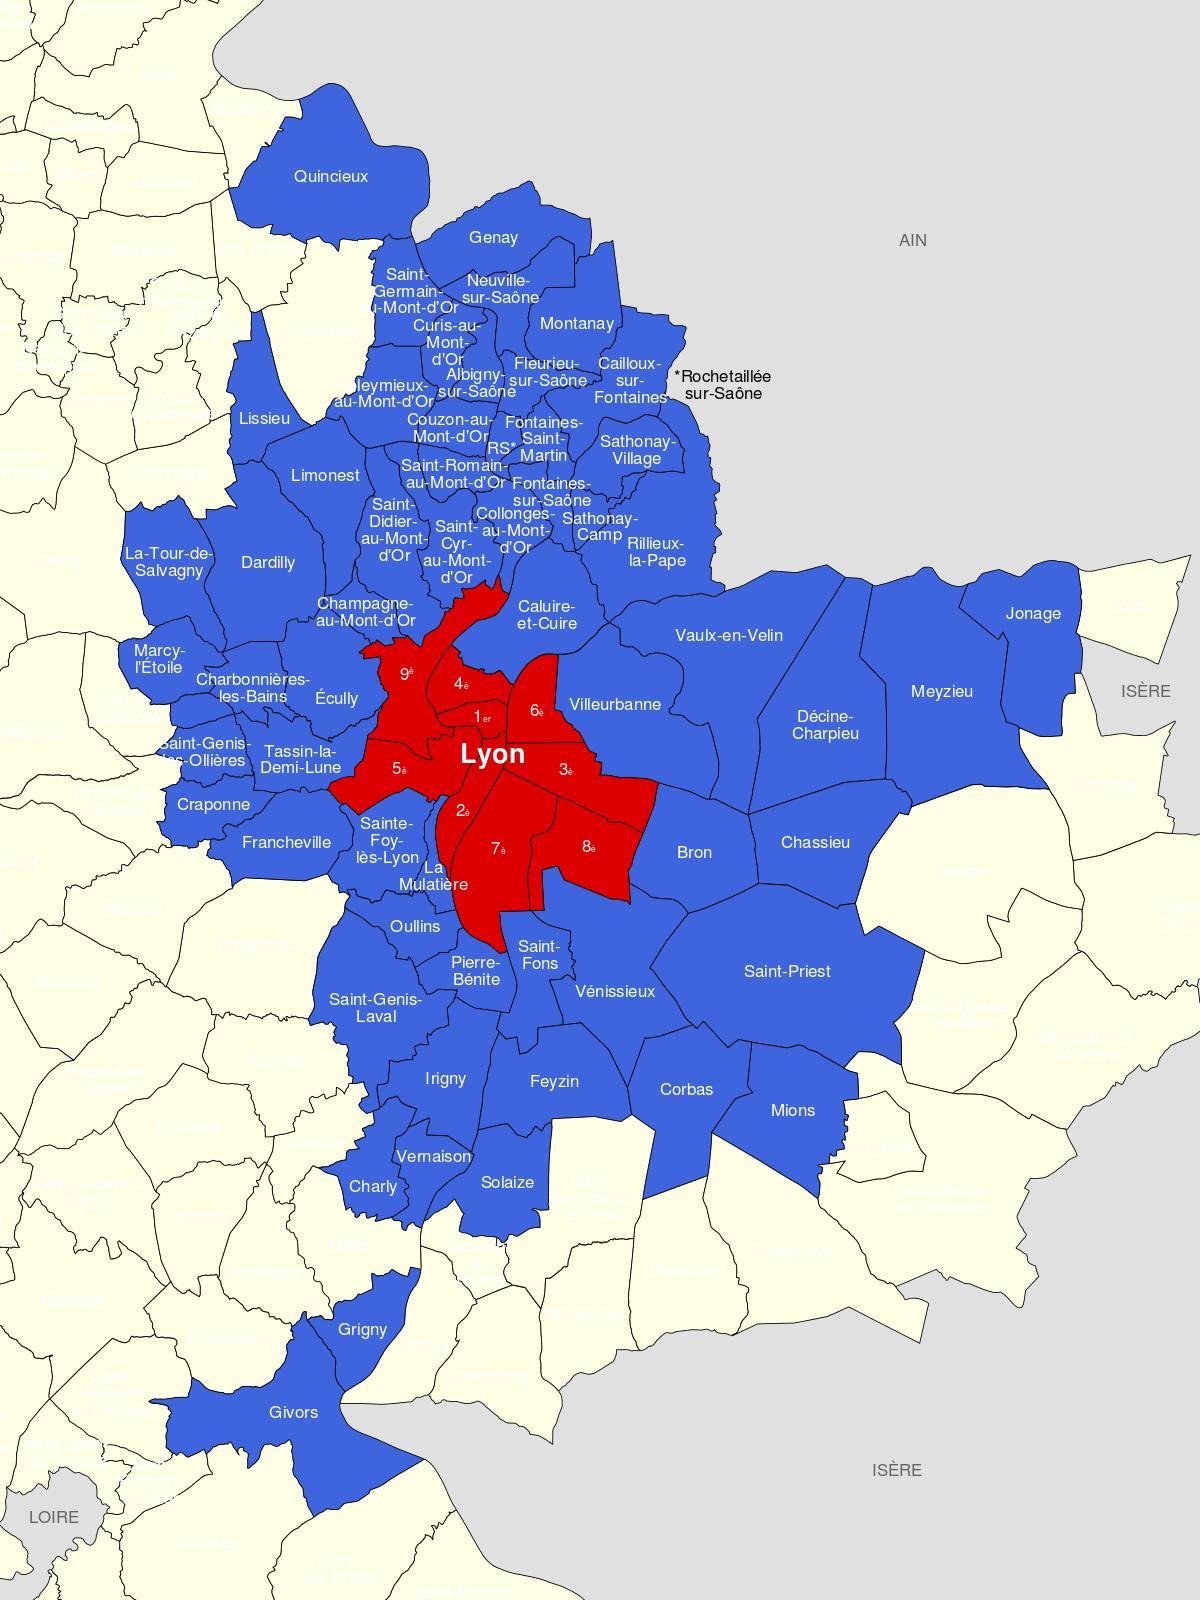 Lyon Karte.Karte Von Lyon Und Umgebung Karte Der Gegend Von Lyon